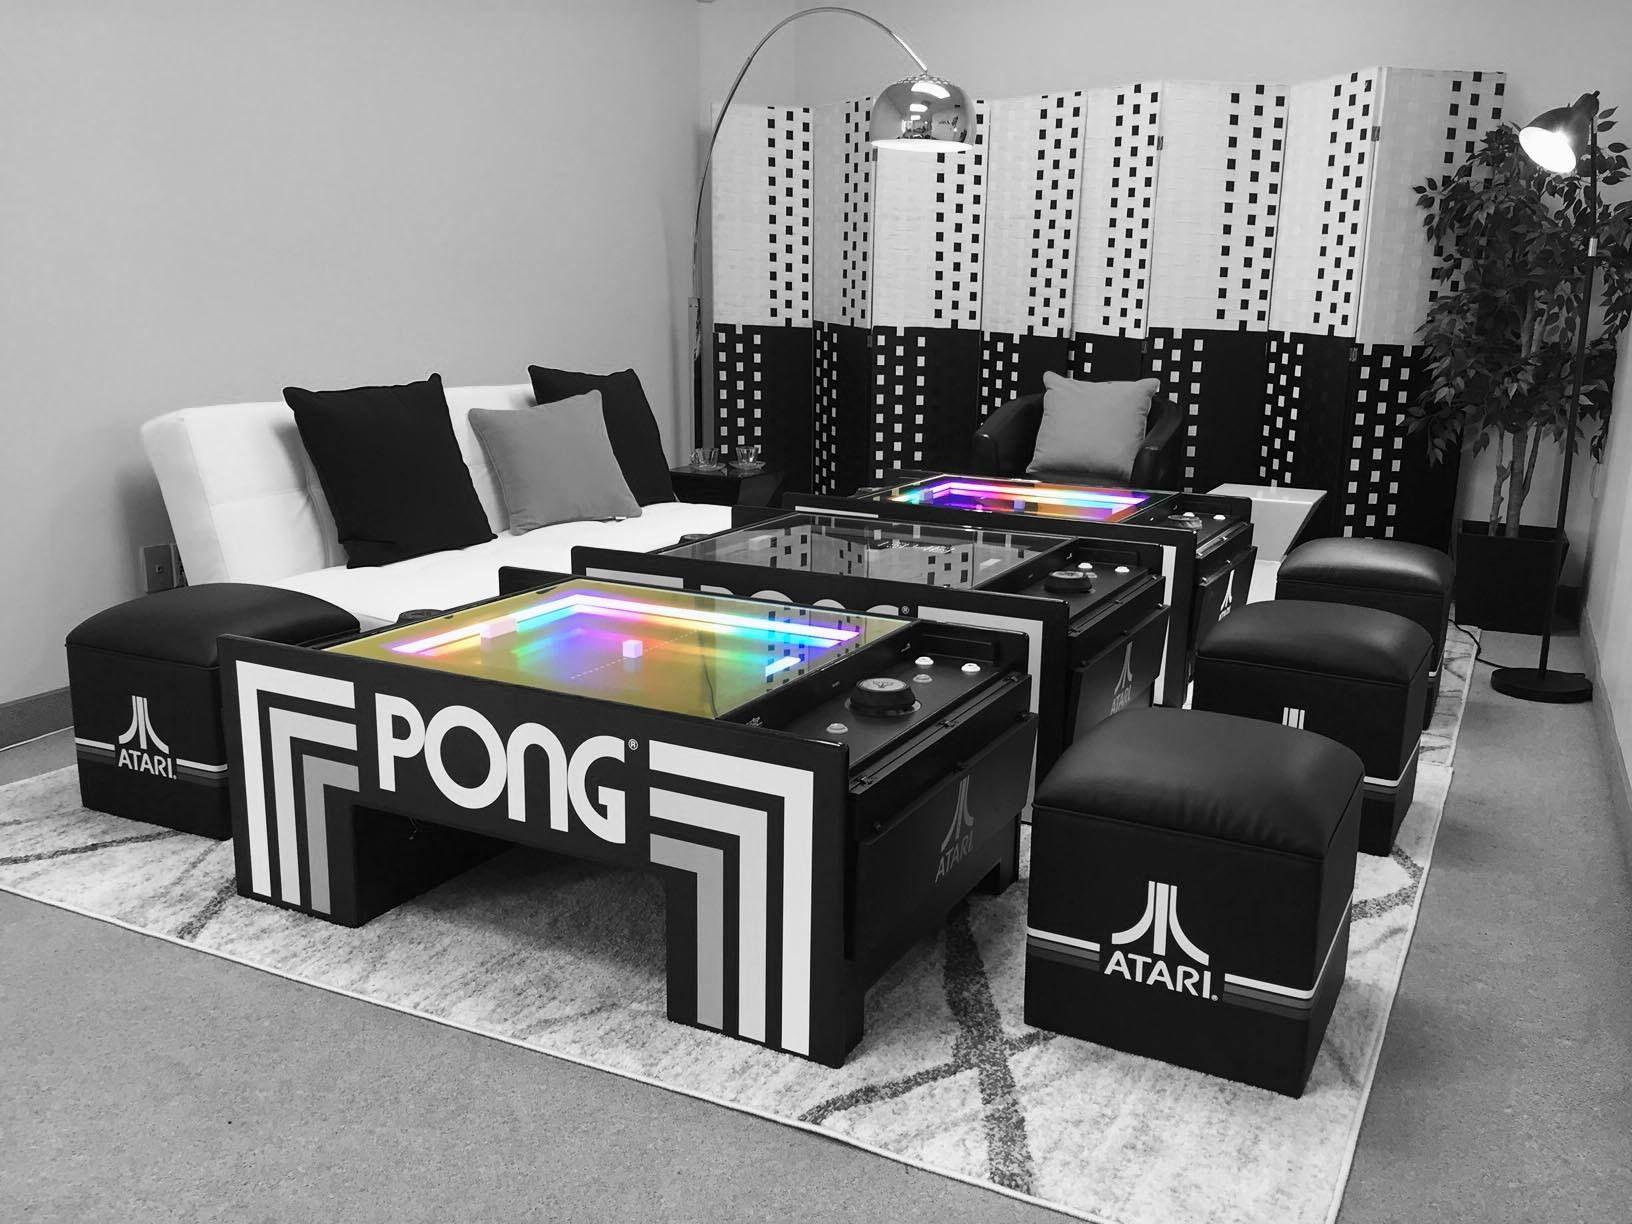 Atari Pong Coffee Table Coffee Table Table Home Entertainment